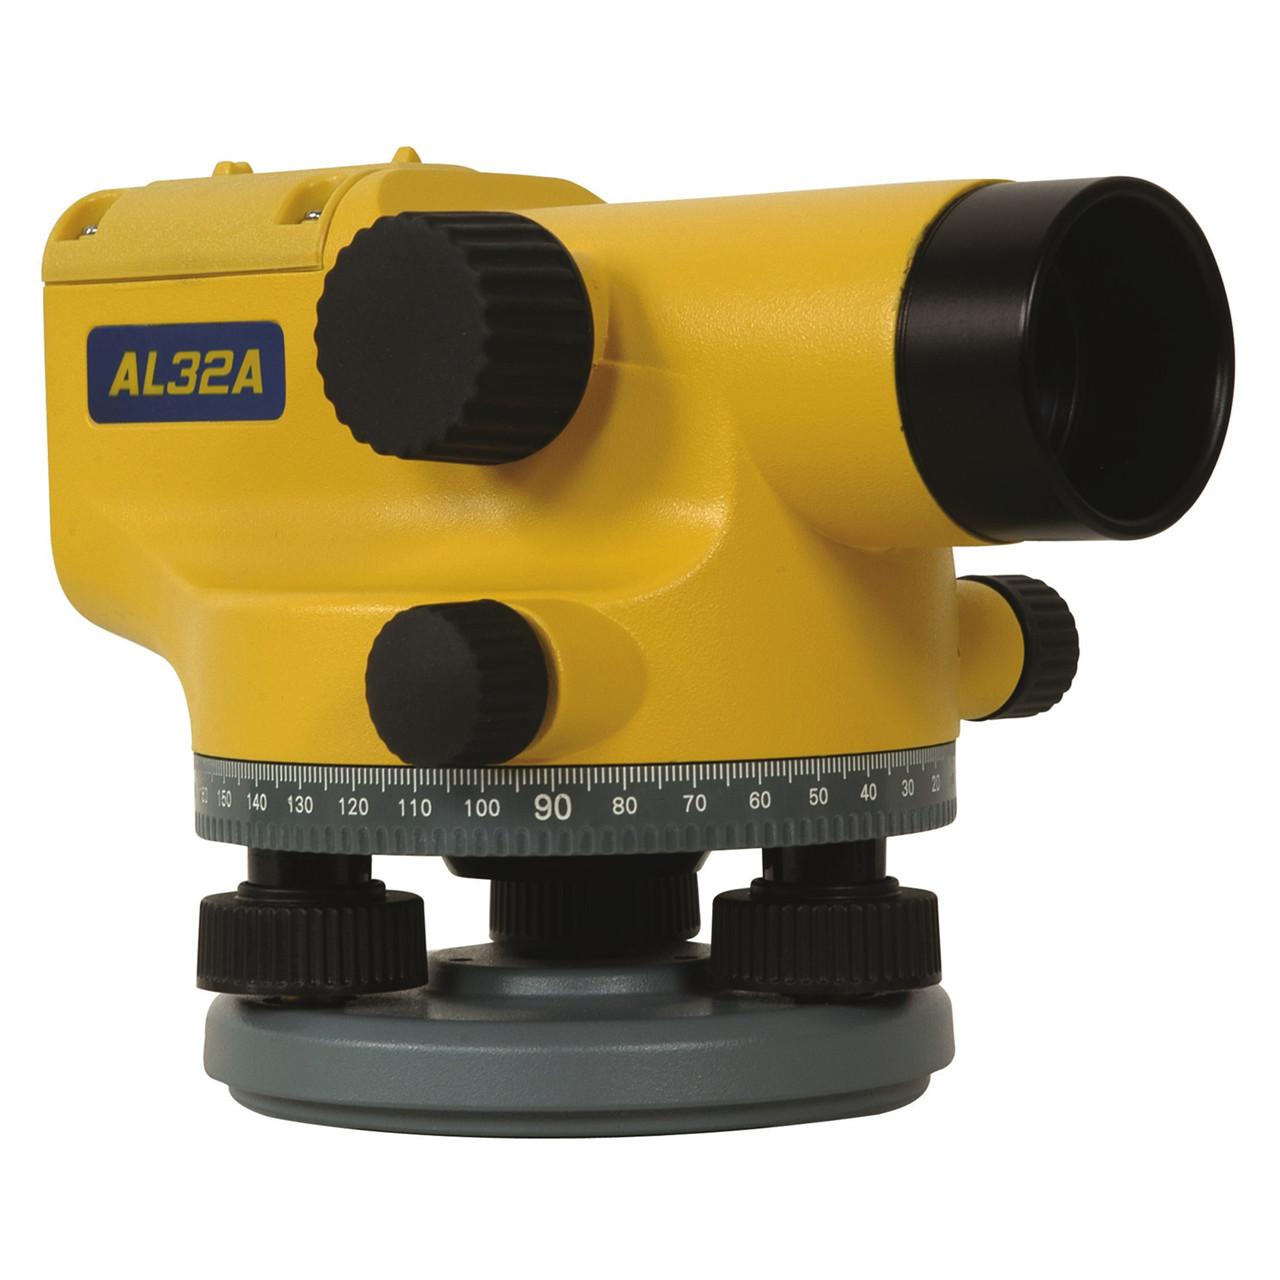 SPECTRA Niveller AL32A 32x forstørrelse luftdæmpet - Værktøj -> Laser og måleinstrumenter -> Laser|Værktøj -> Laser og måleinstrumenter -> Opmåling -> Nivellering|Værktøj -> Laser og måleinstrumenter -> Opmåling|Værktøj -> Laser og måleinstrumenter|Mærker -> Spectra